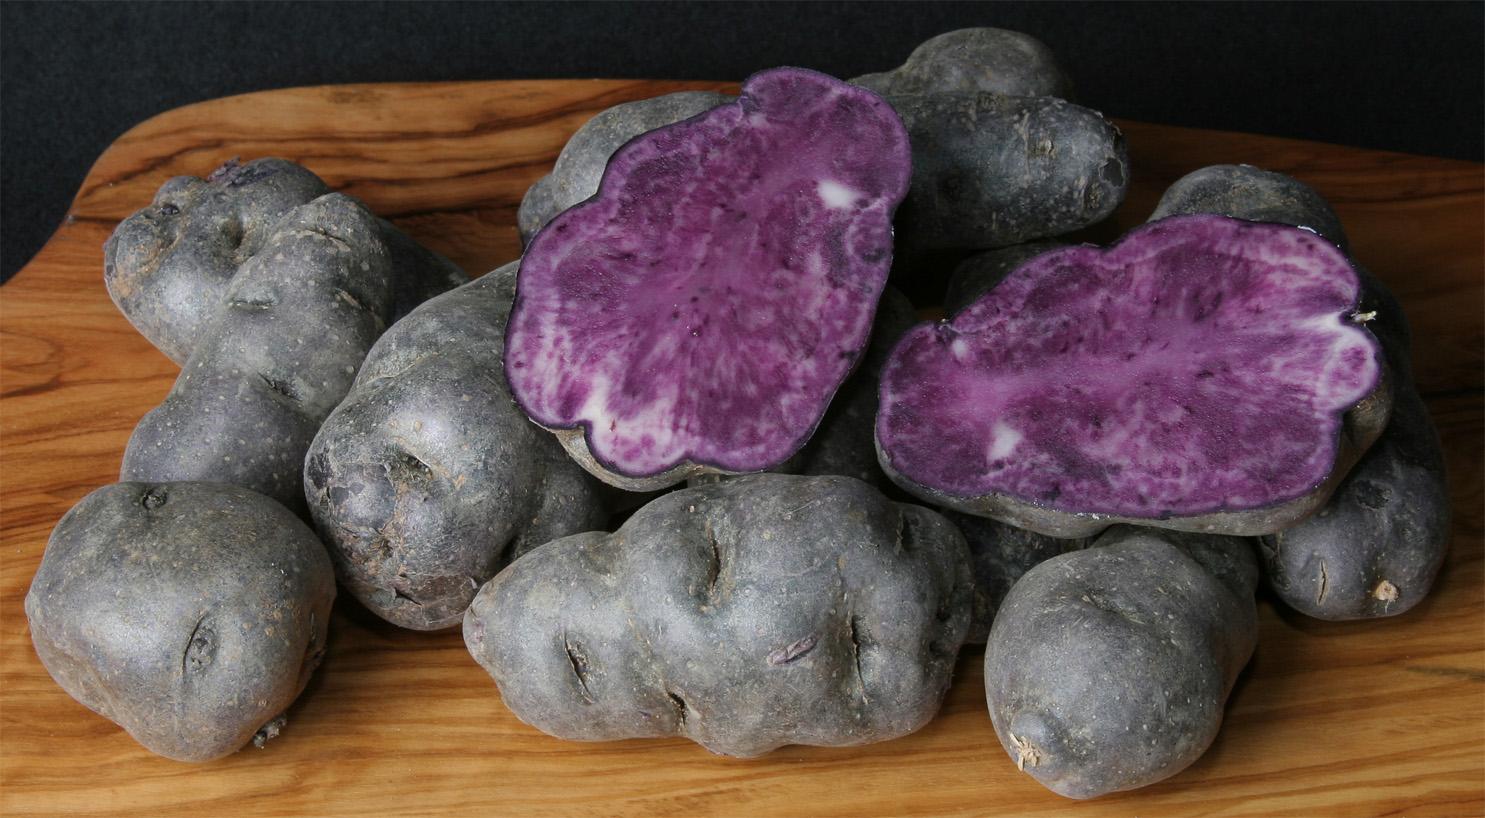 Vitelot-fioletoviy-kartofel